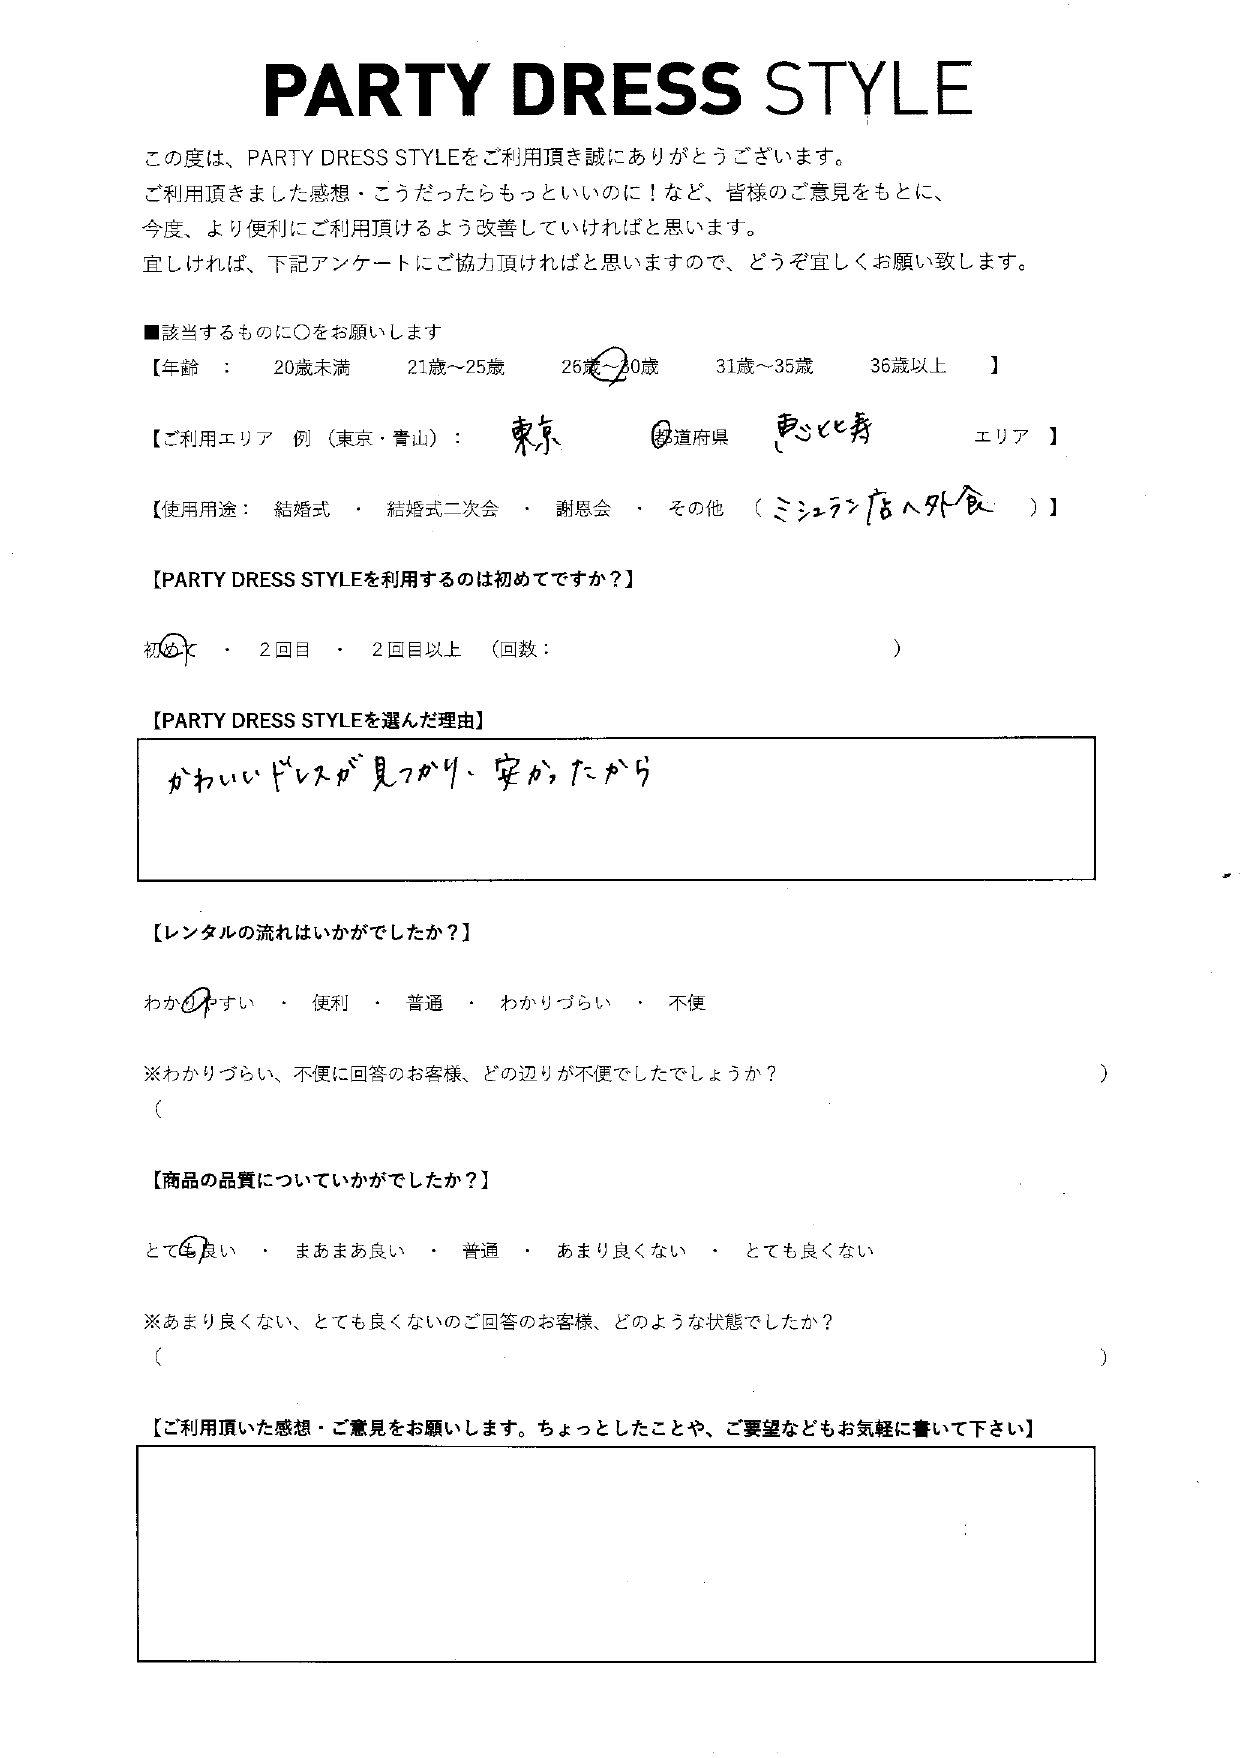 7/16ミシュラン店へ外食ご利用 東京・恵比寿エリア